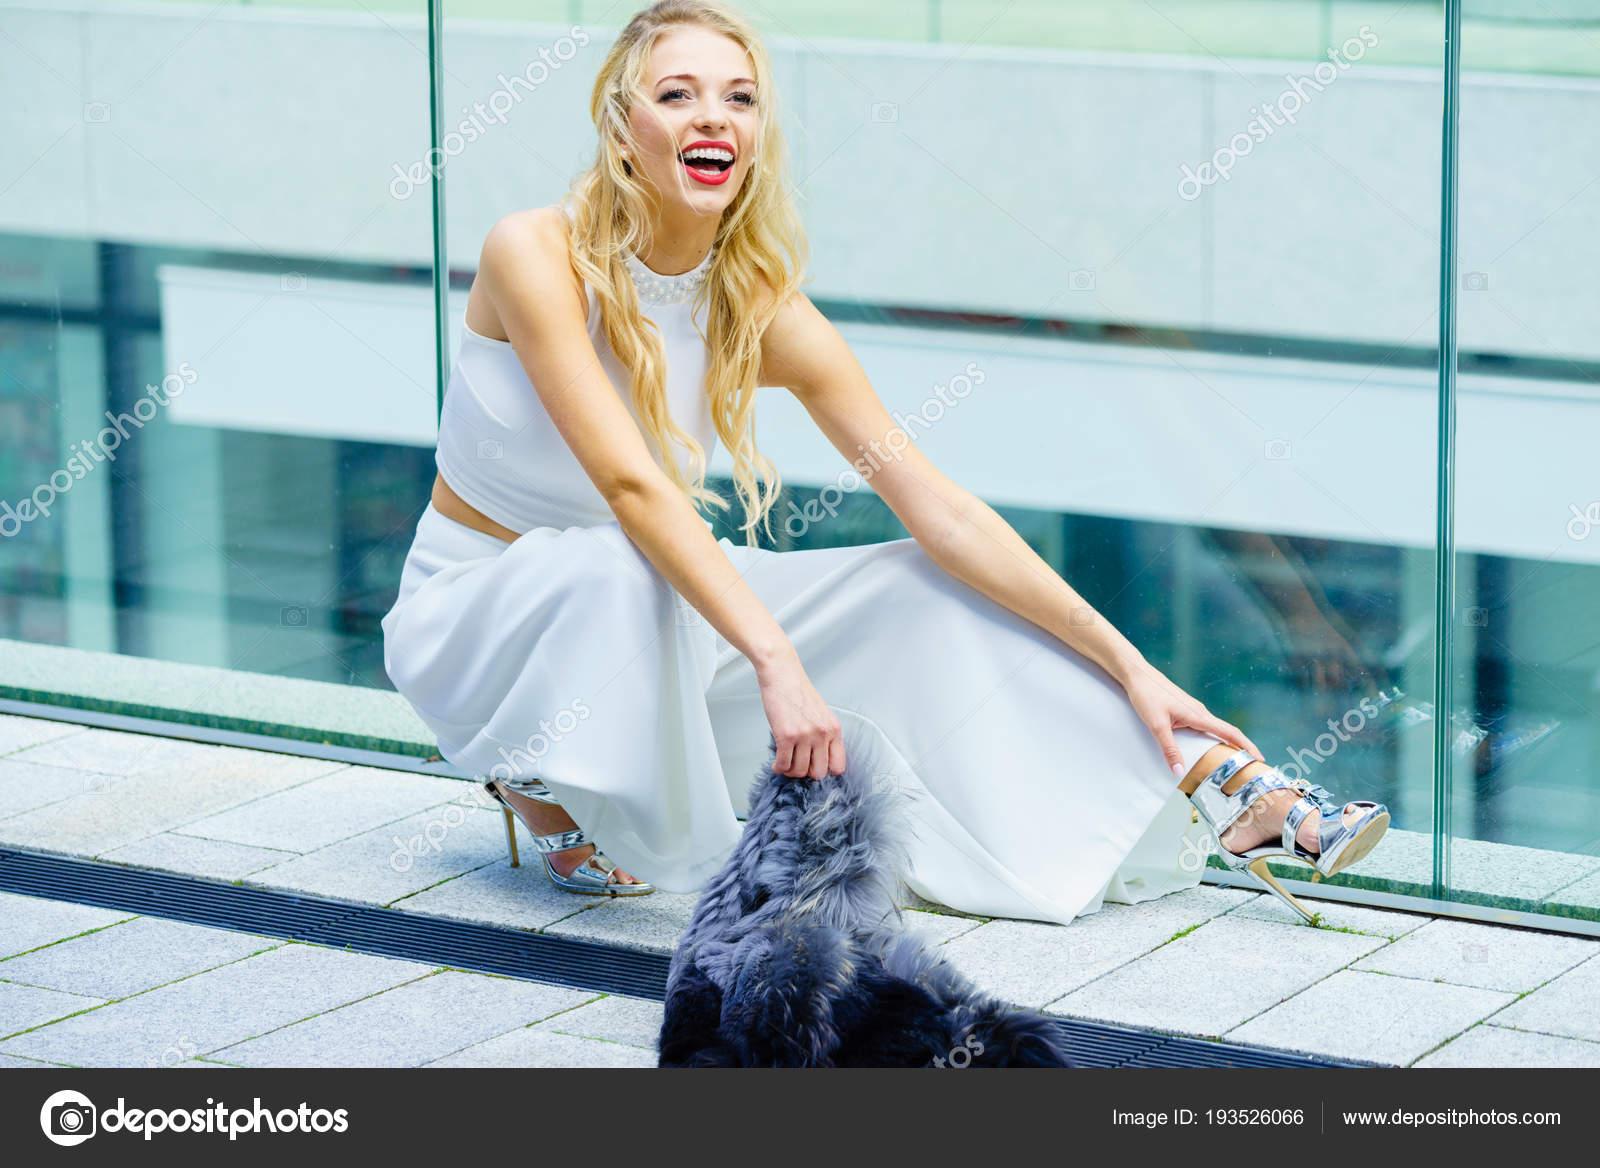 123a94f6ec3c Κομψά μοντέρνα γυναίκα παρουσιάζει μοντέρνο αστικό ντύσιμο. Λευκό crop top  και το παντελόνι Παντελόνες. Υπαίθρια φωτογραφία συνόδου